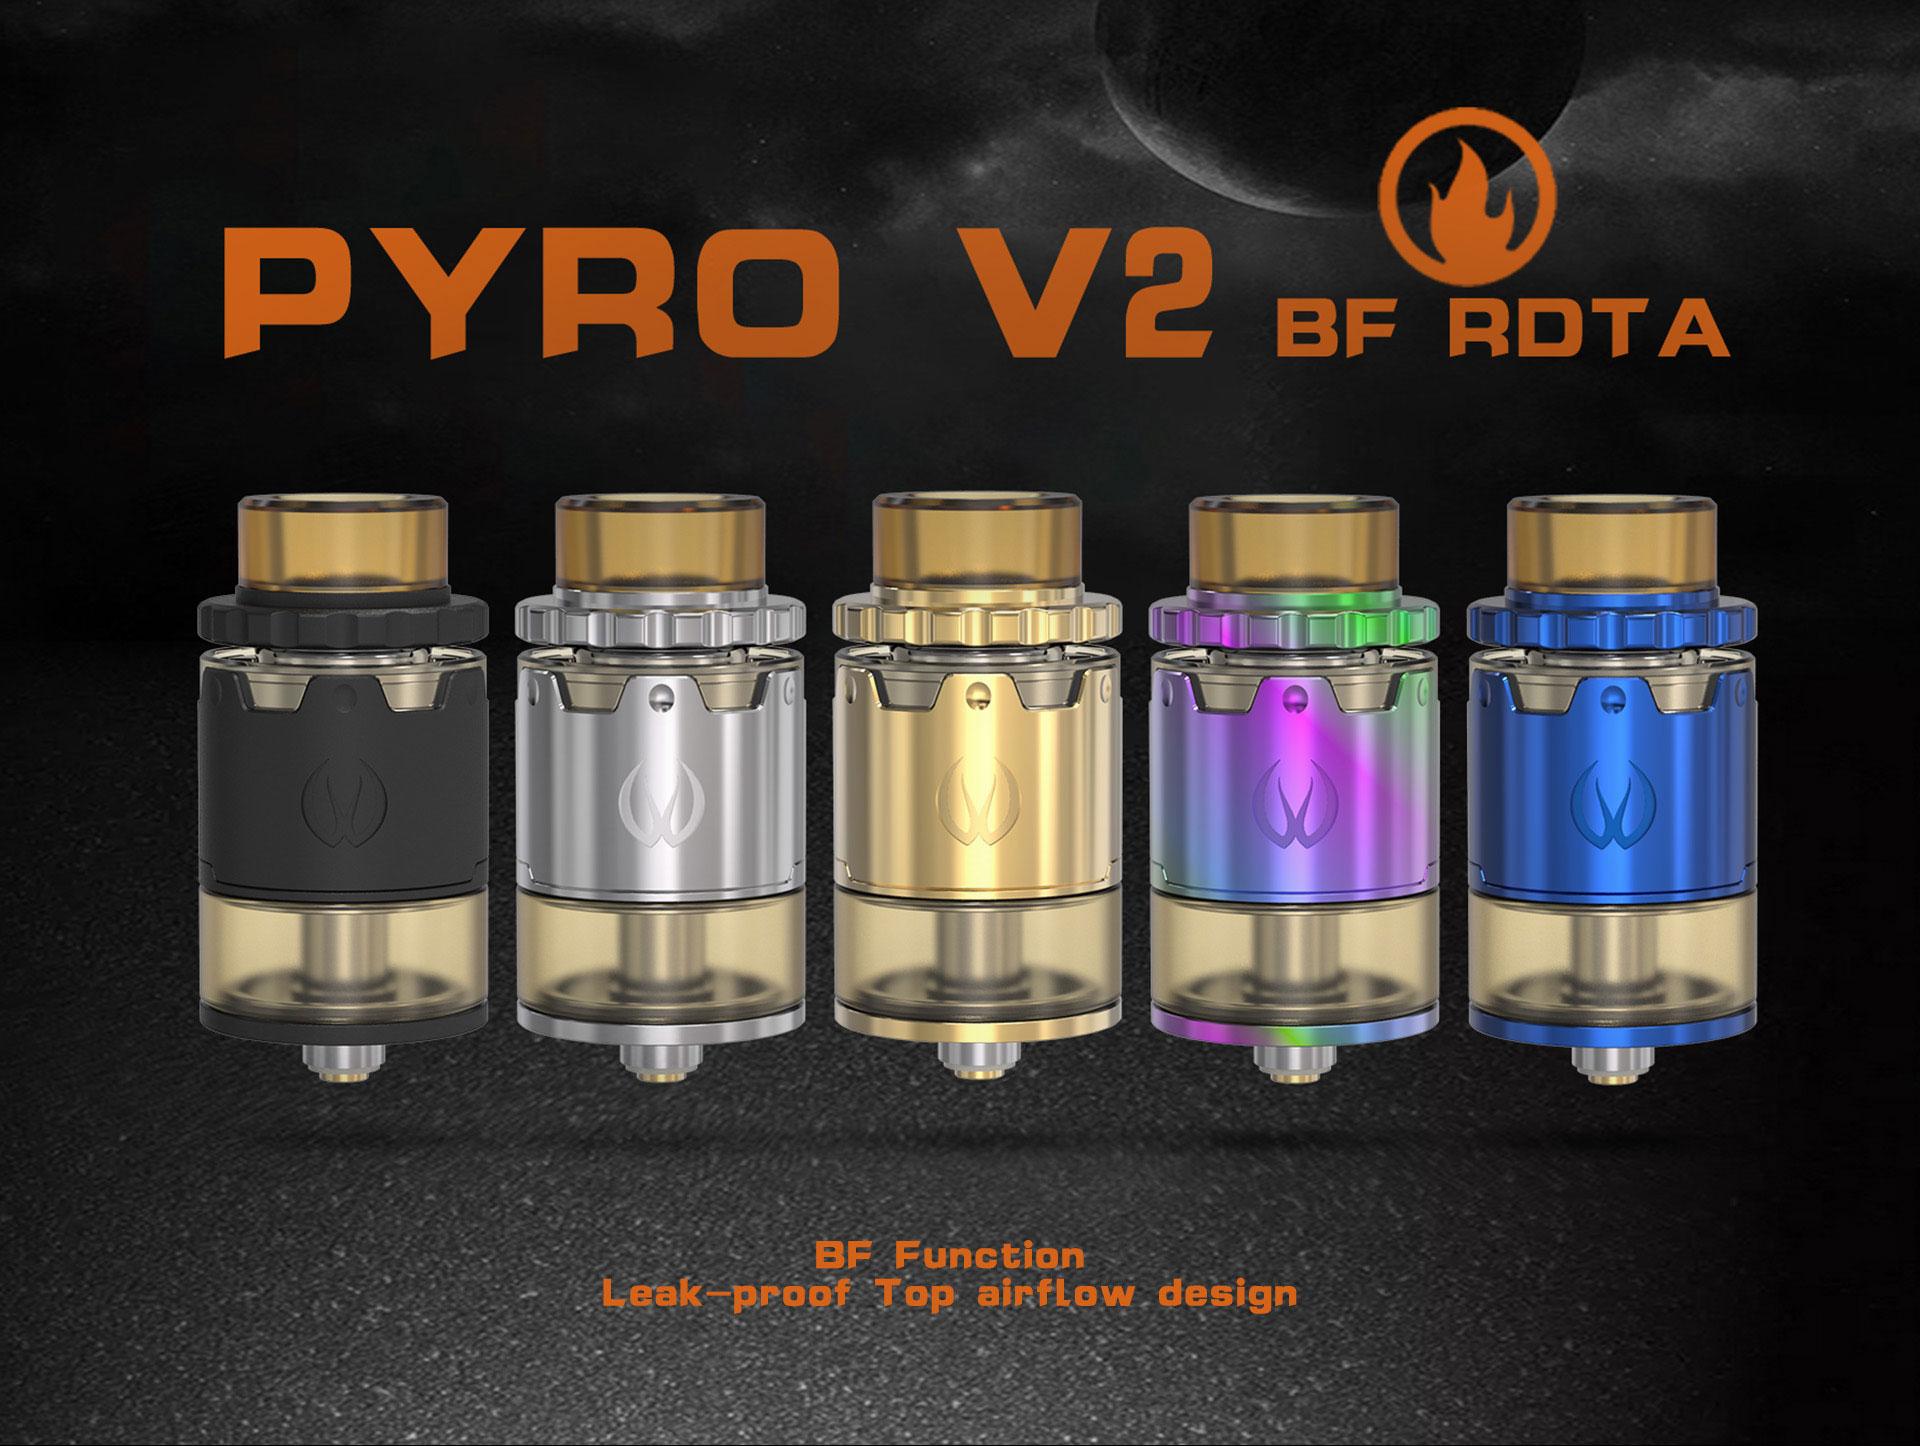 Pyro_V2_BF_RDTA-1.jpg